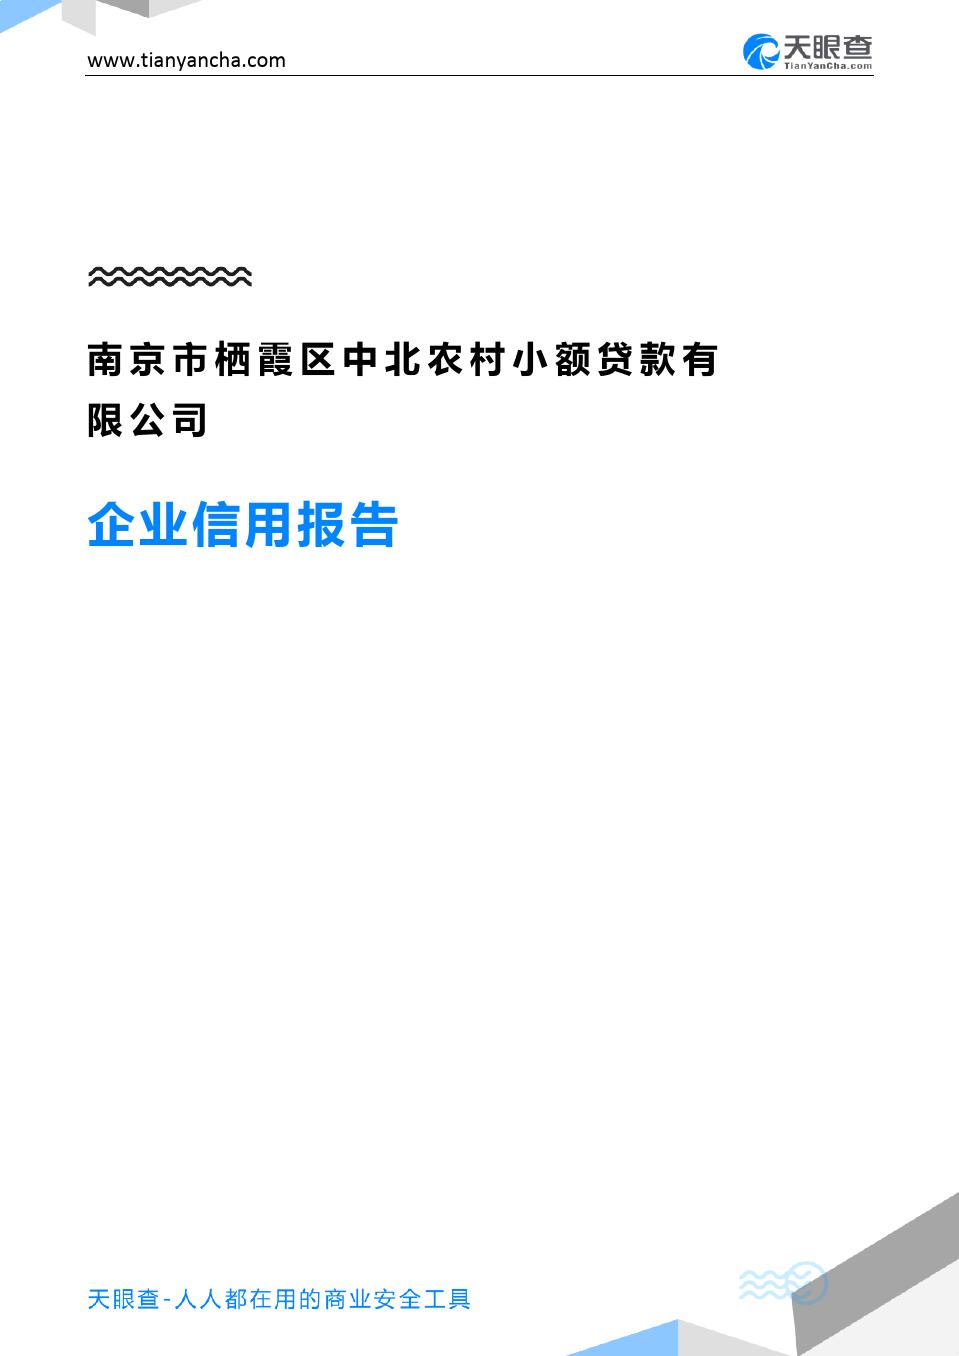 南京市栖霞区中北农村小额贷款有限公司(企业信用报告)- 天眼查